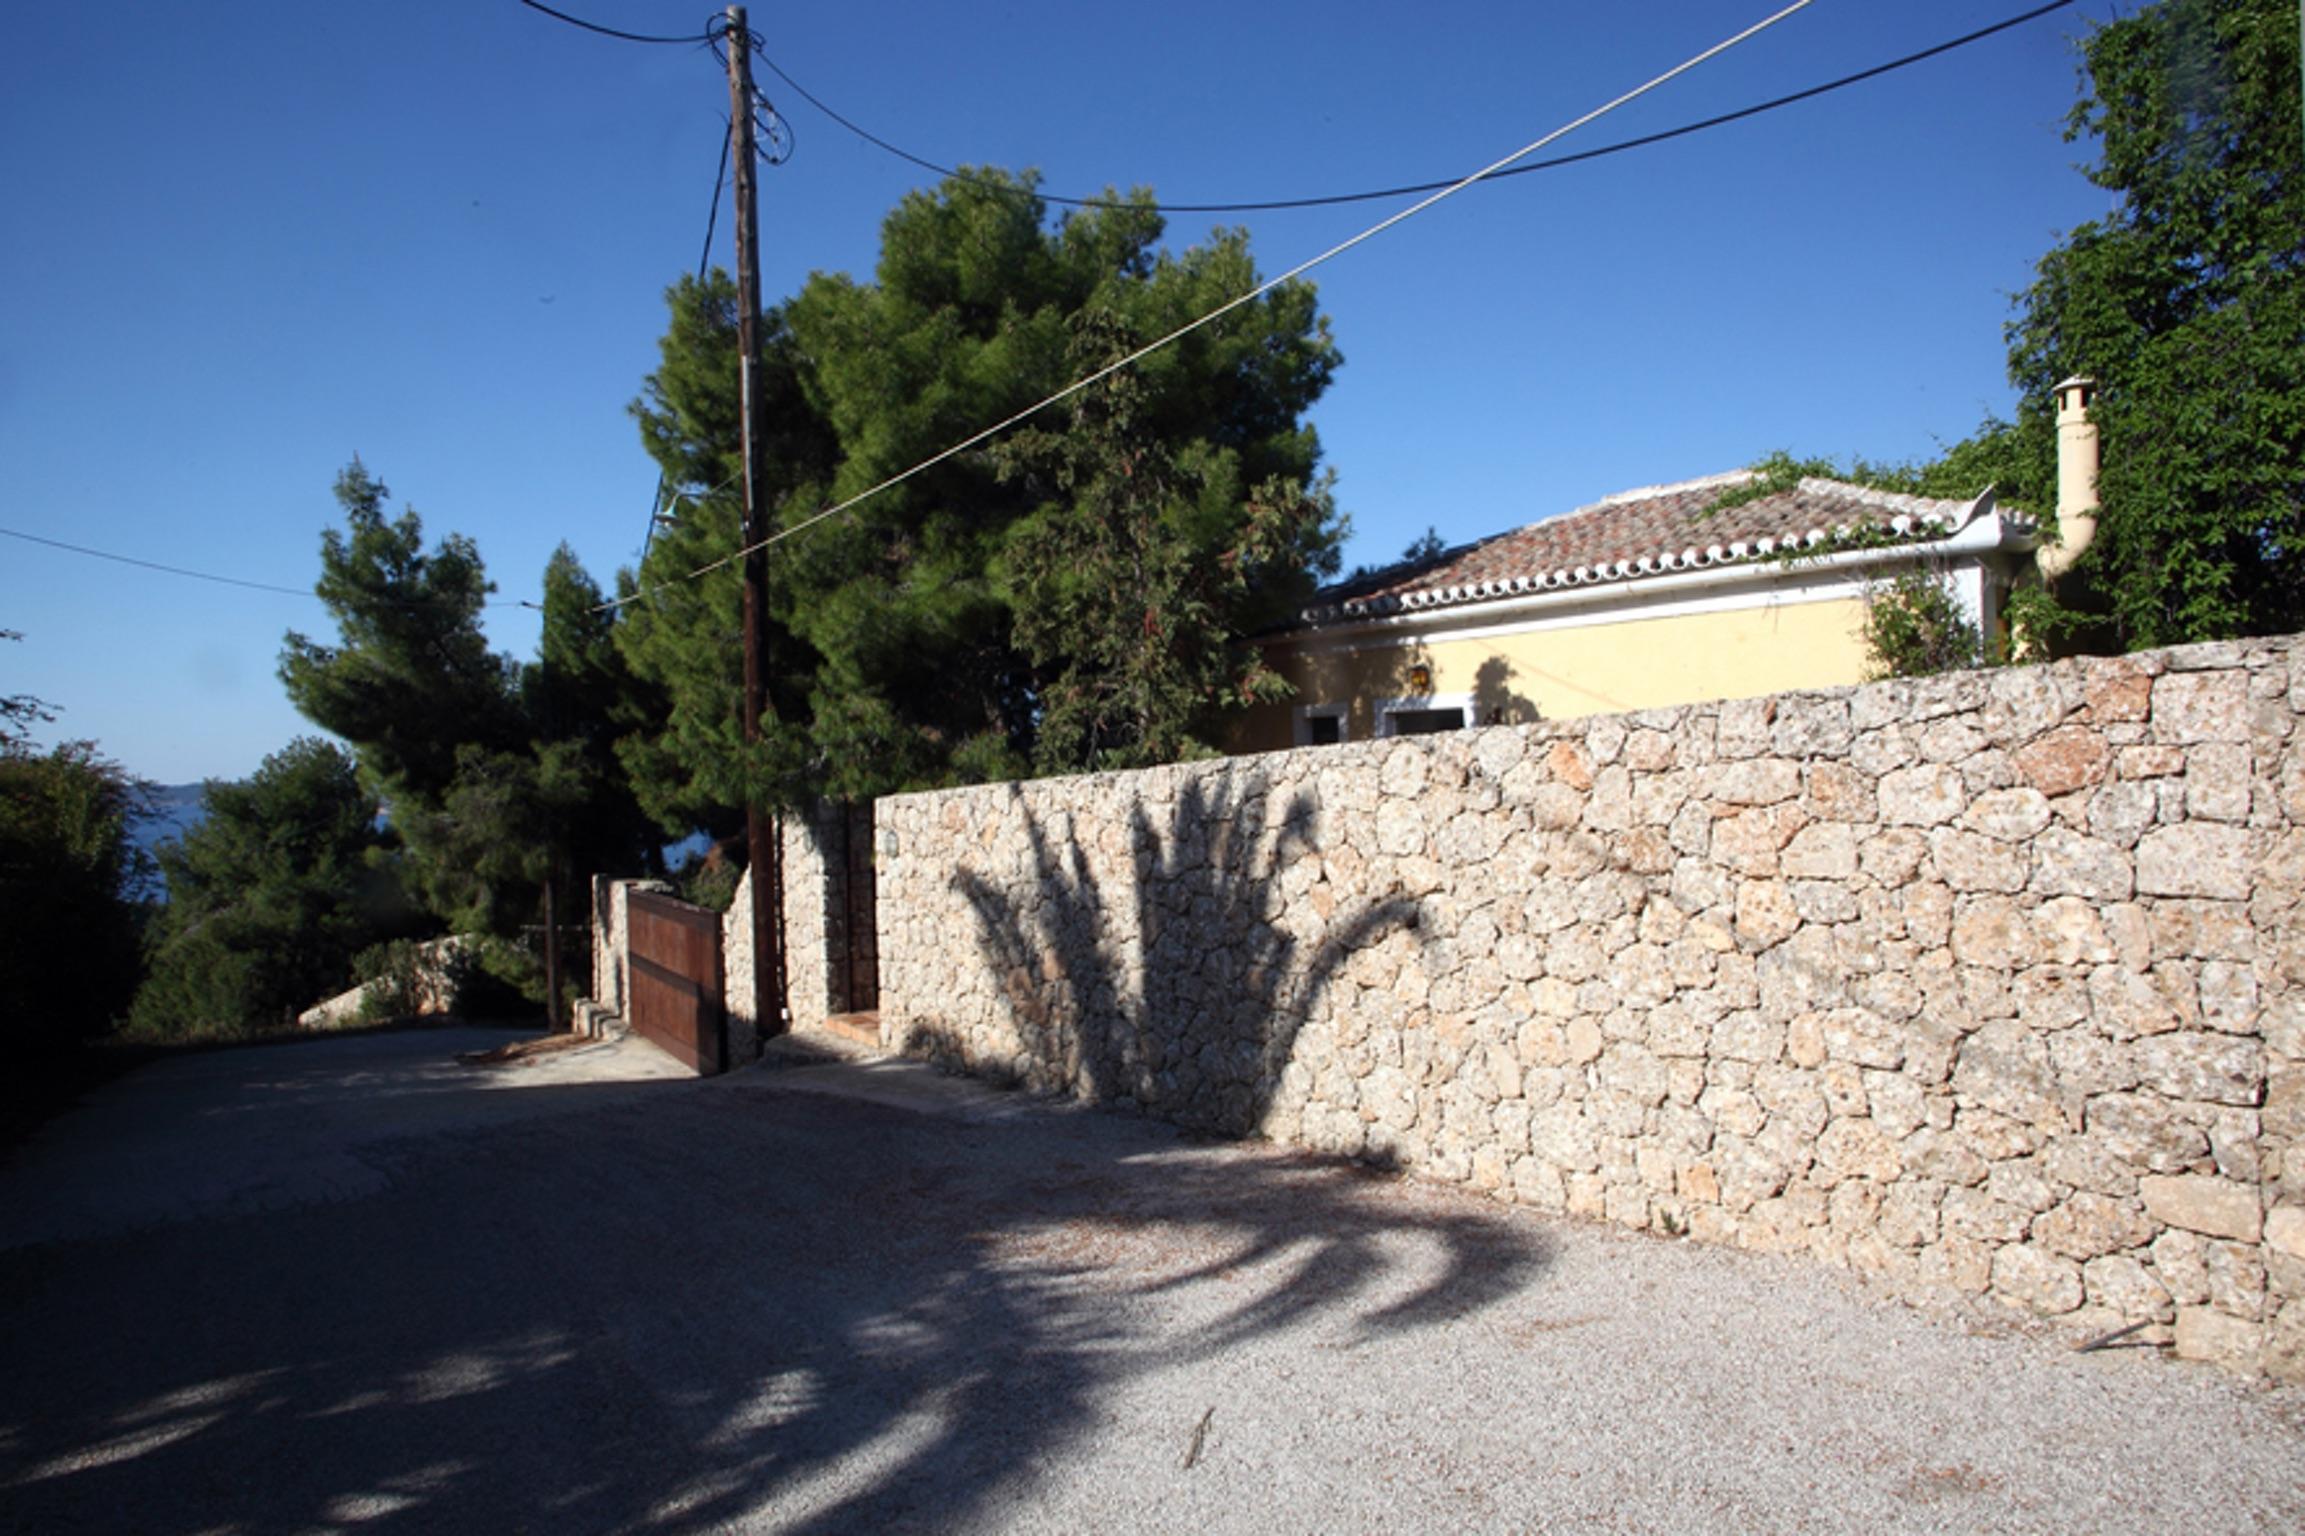 Holiday house Villa mit 4 Zimmern in Kosta mit herrlichem Meerblick, privatem Pool, eingezäuntem Garten  (2271451), Kosta (GR), , Peloponnese, Greece, picture 20